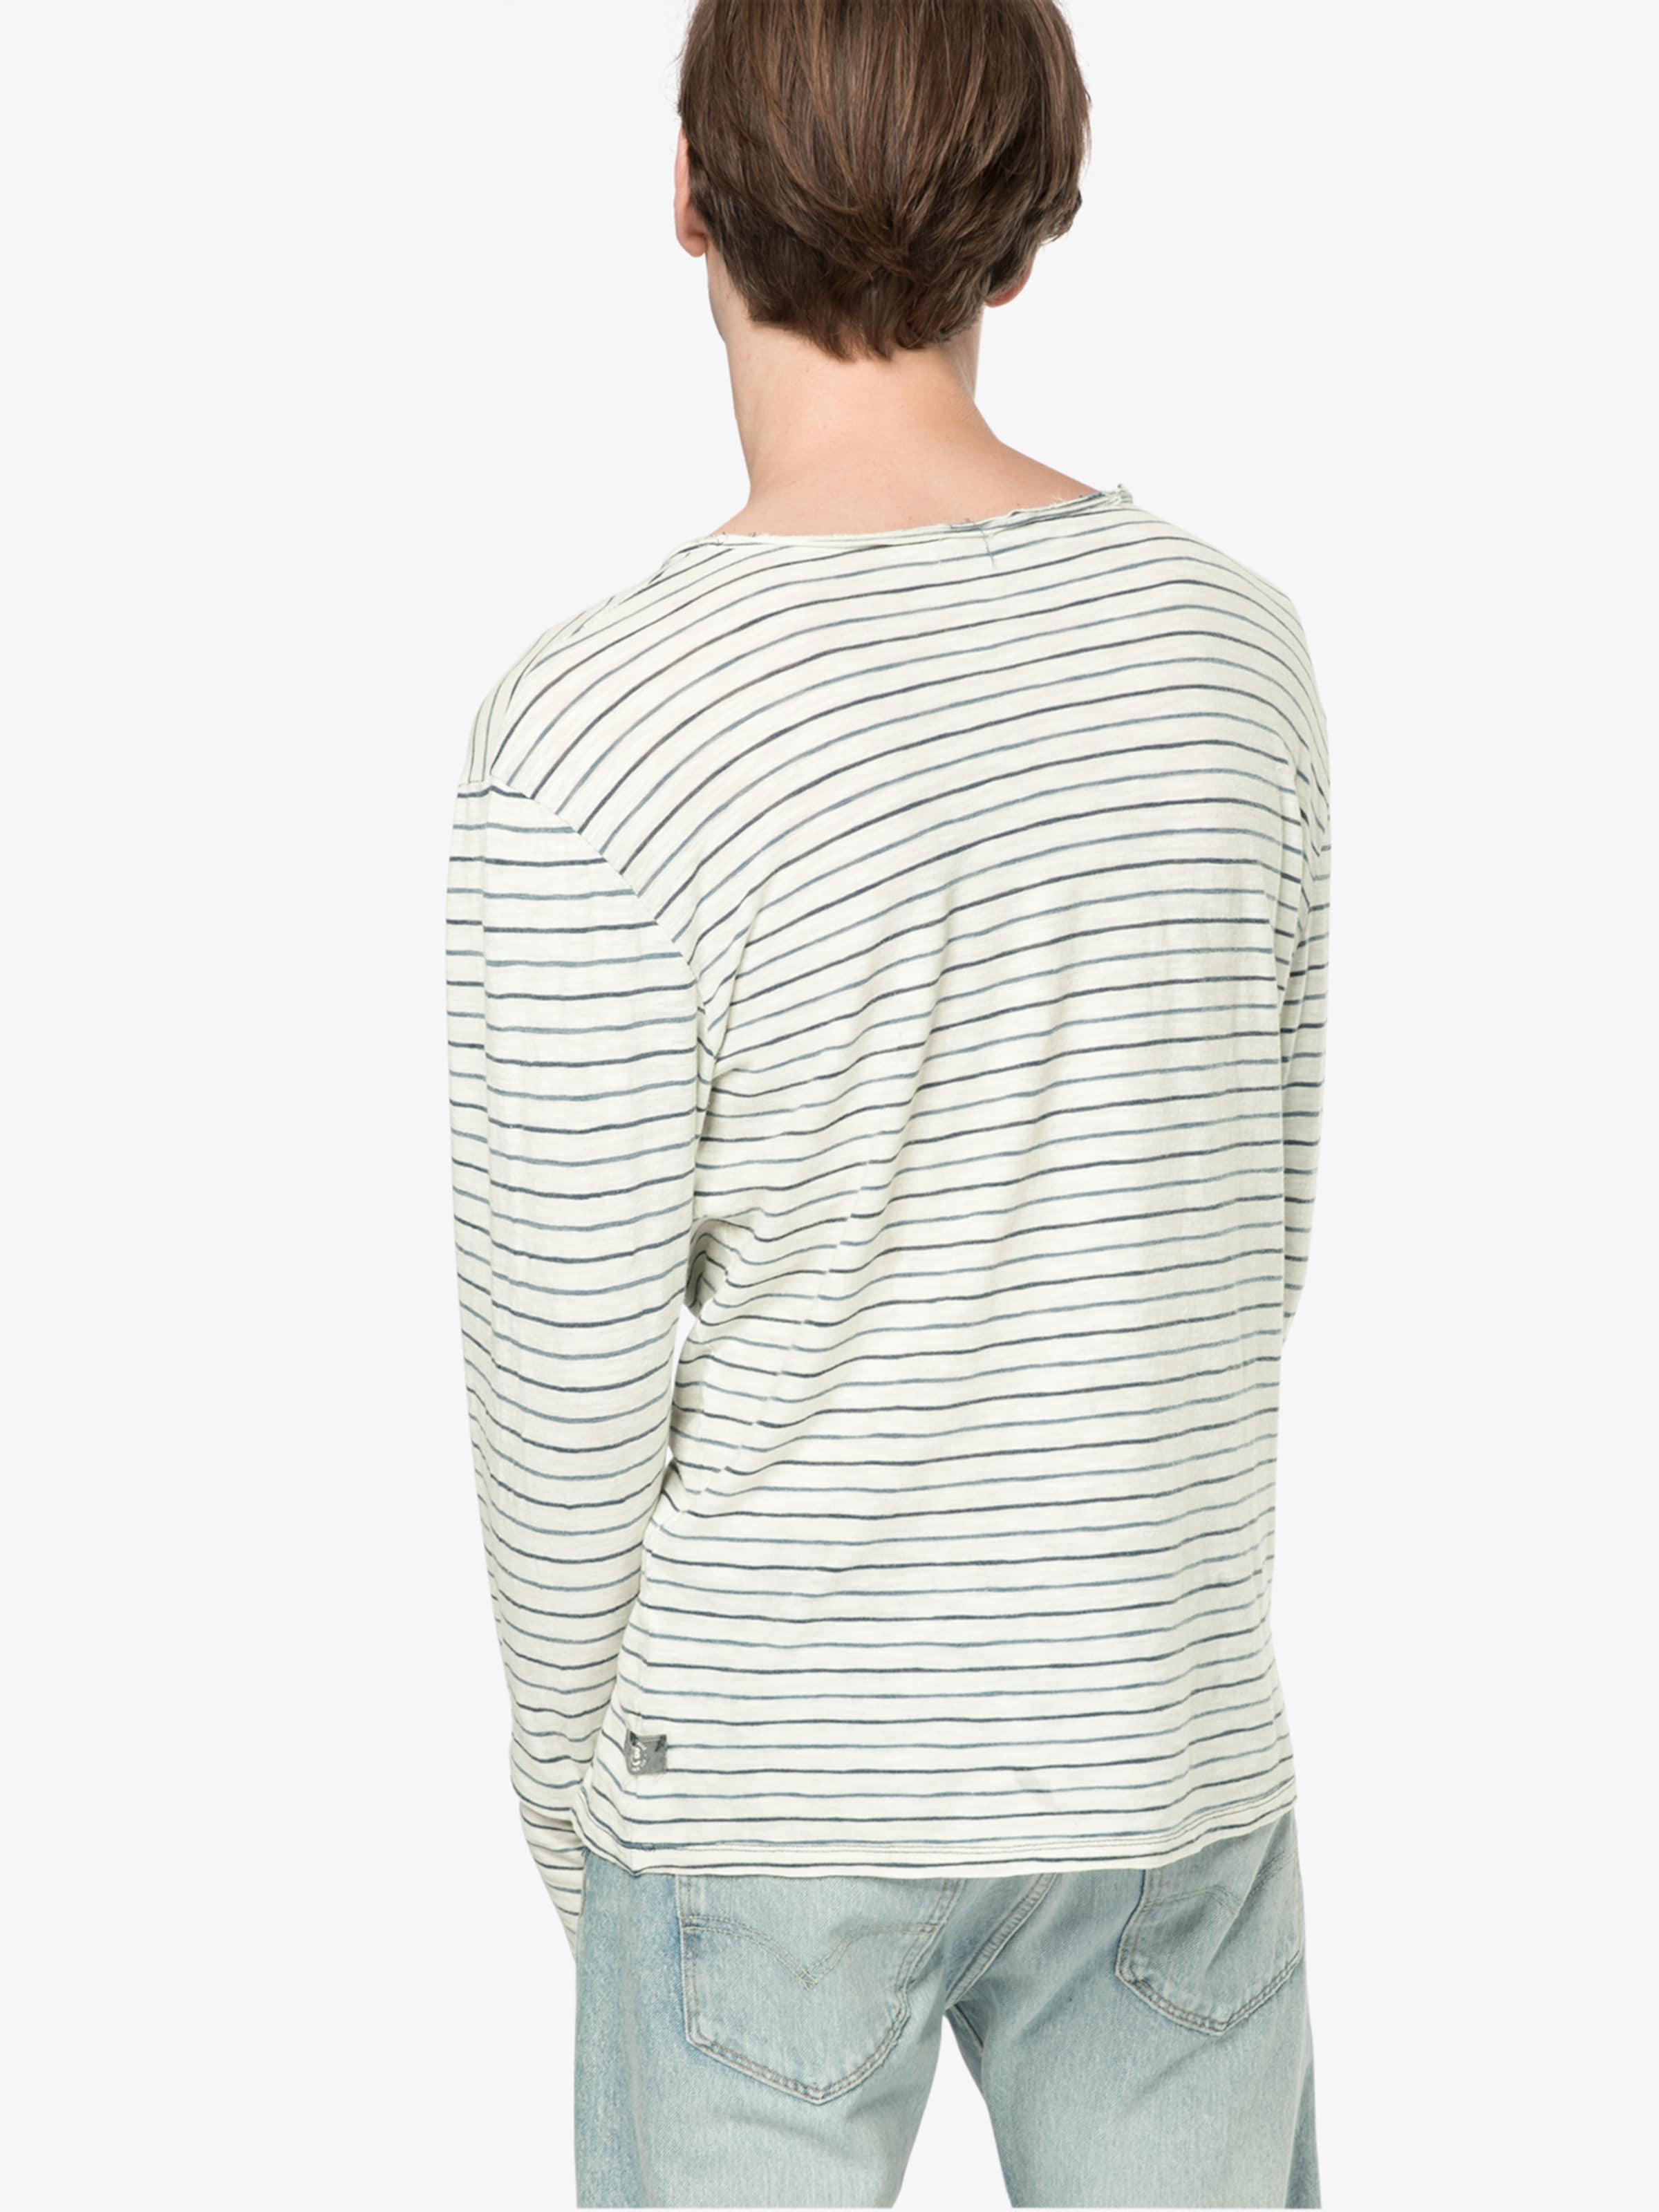 Billig Verkauf Am Besten Schnelle Lieferung Online LTB Sweatshirt 'KEMEJI S/T' 87GRRBBeI